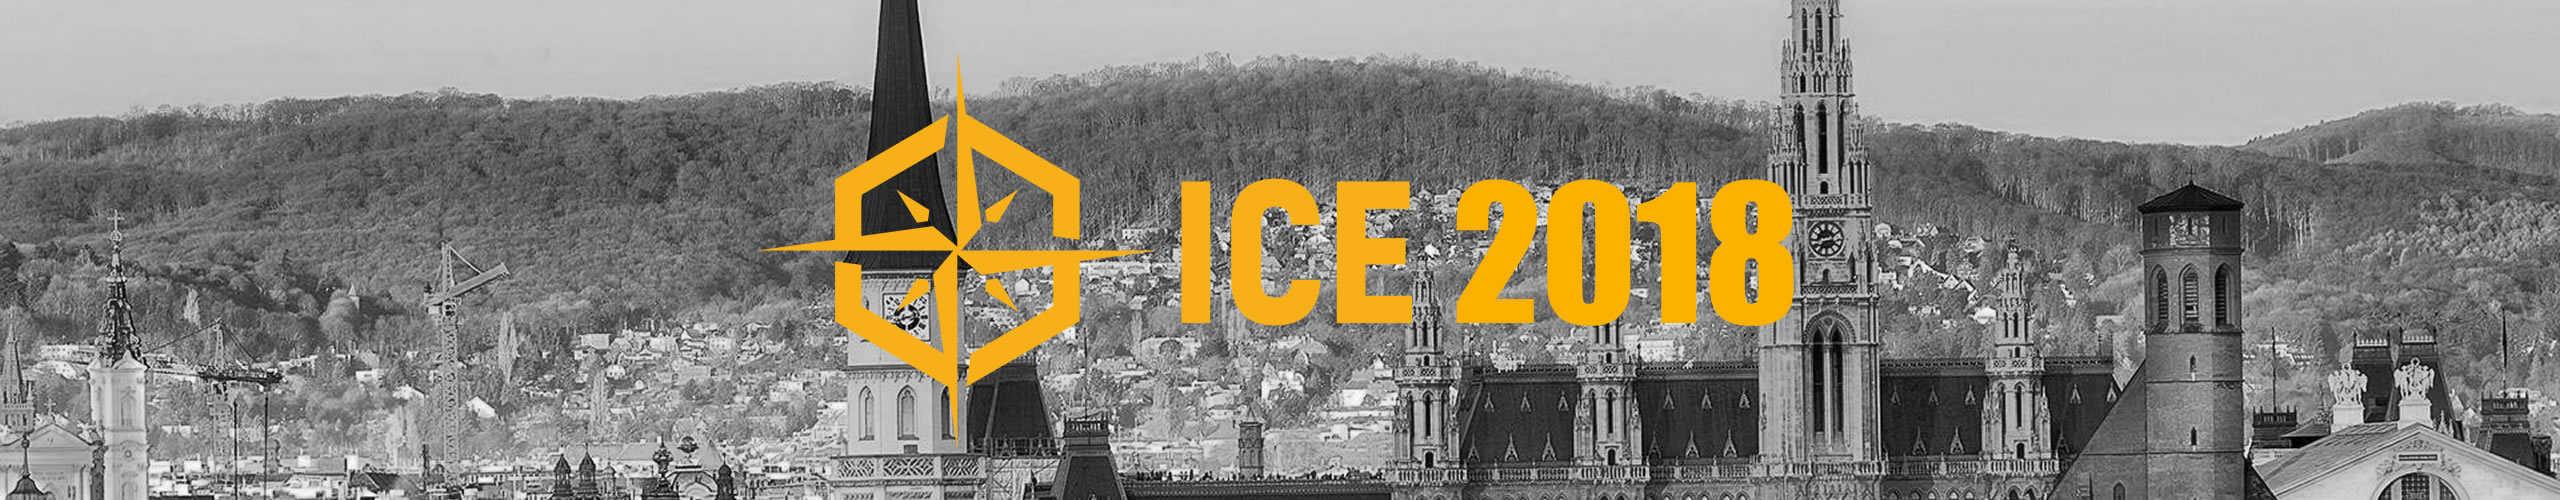 ICE_2018